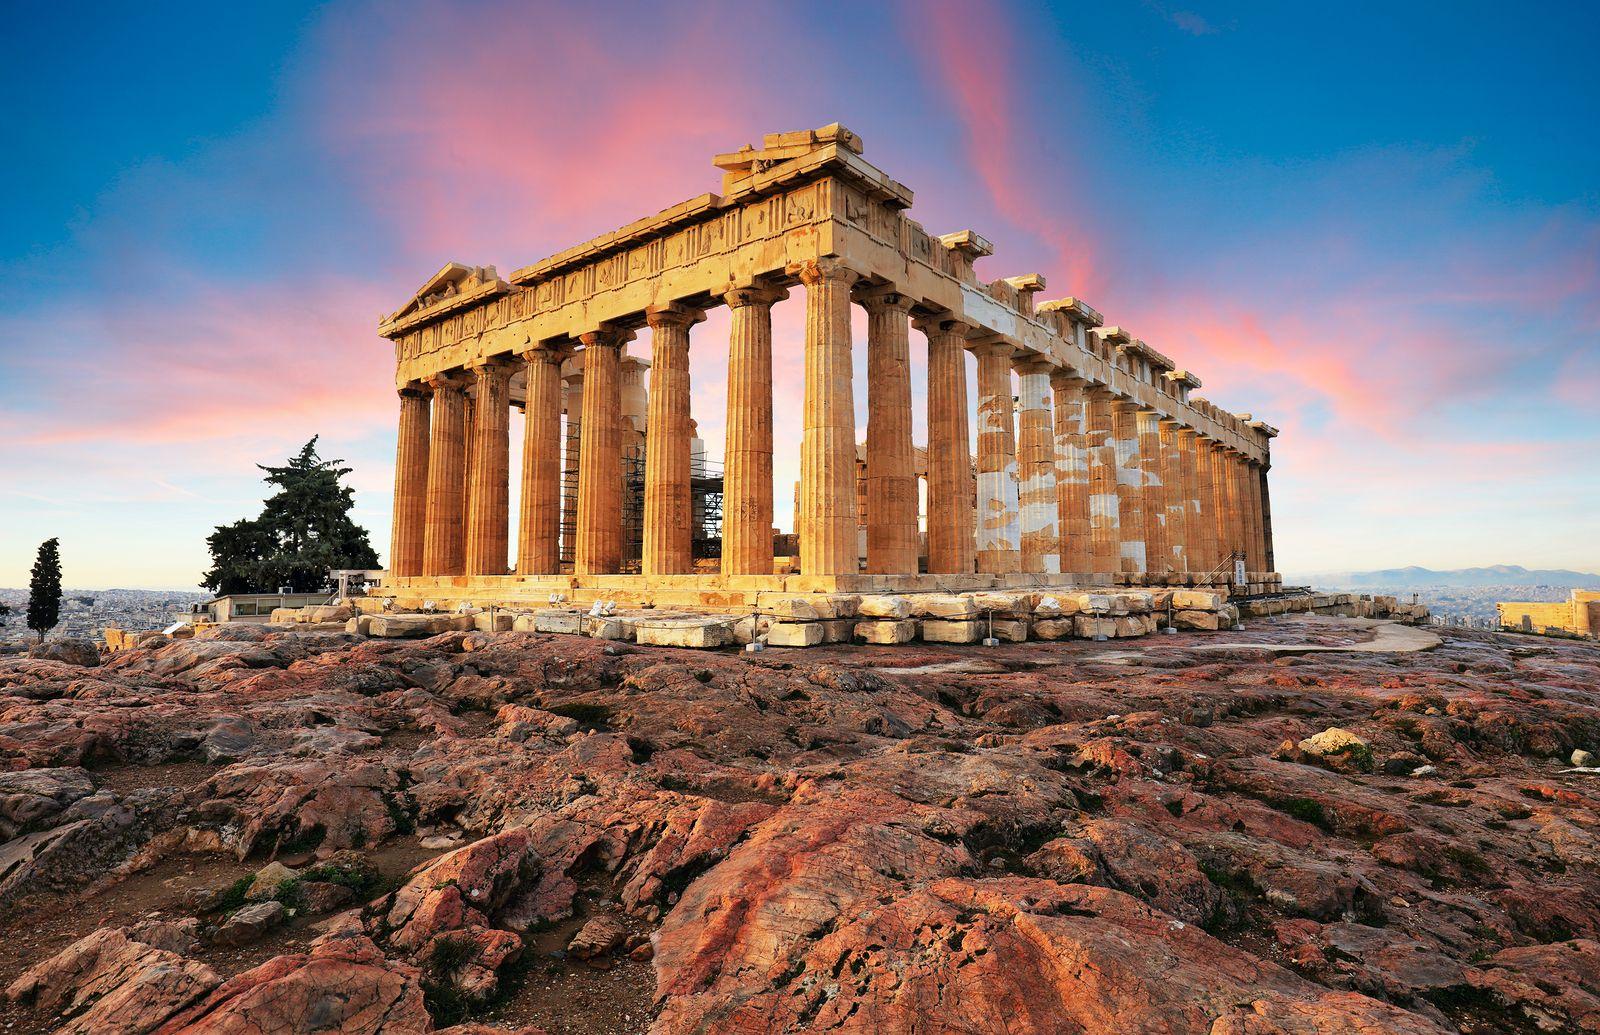 Quiero ir a Atenas: ¿qué debo visitar en la ciudad?